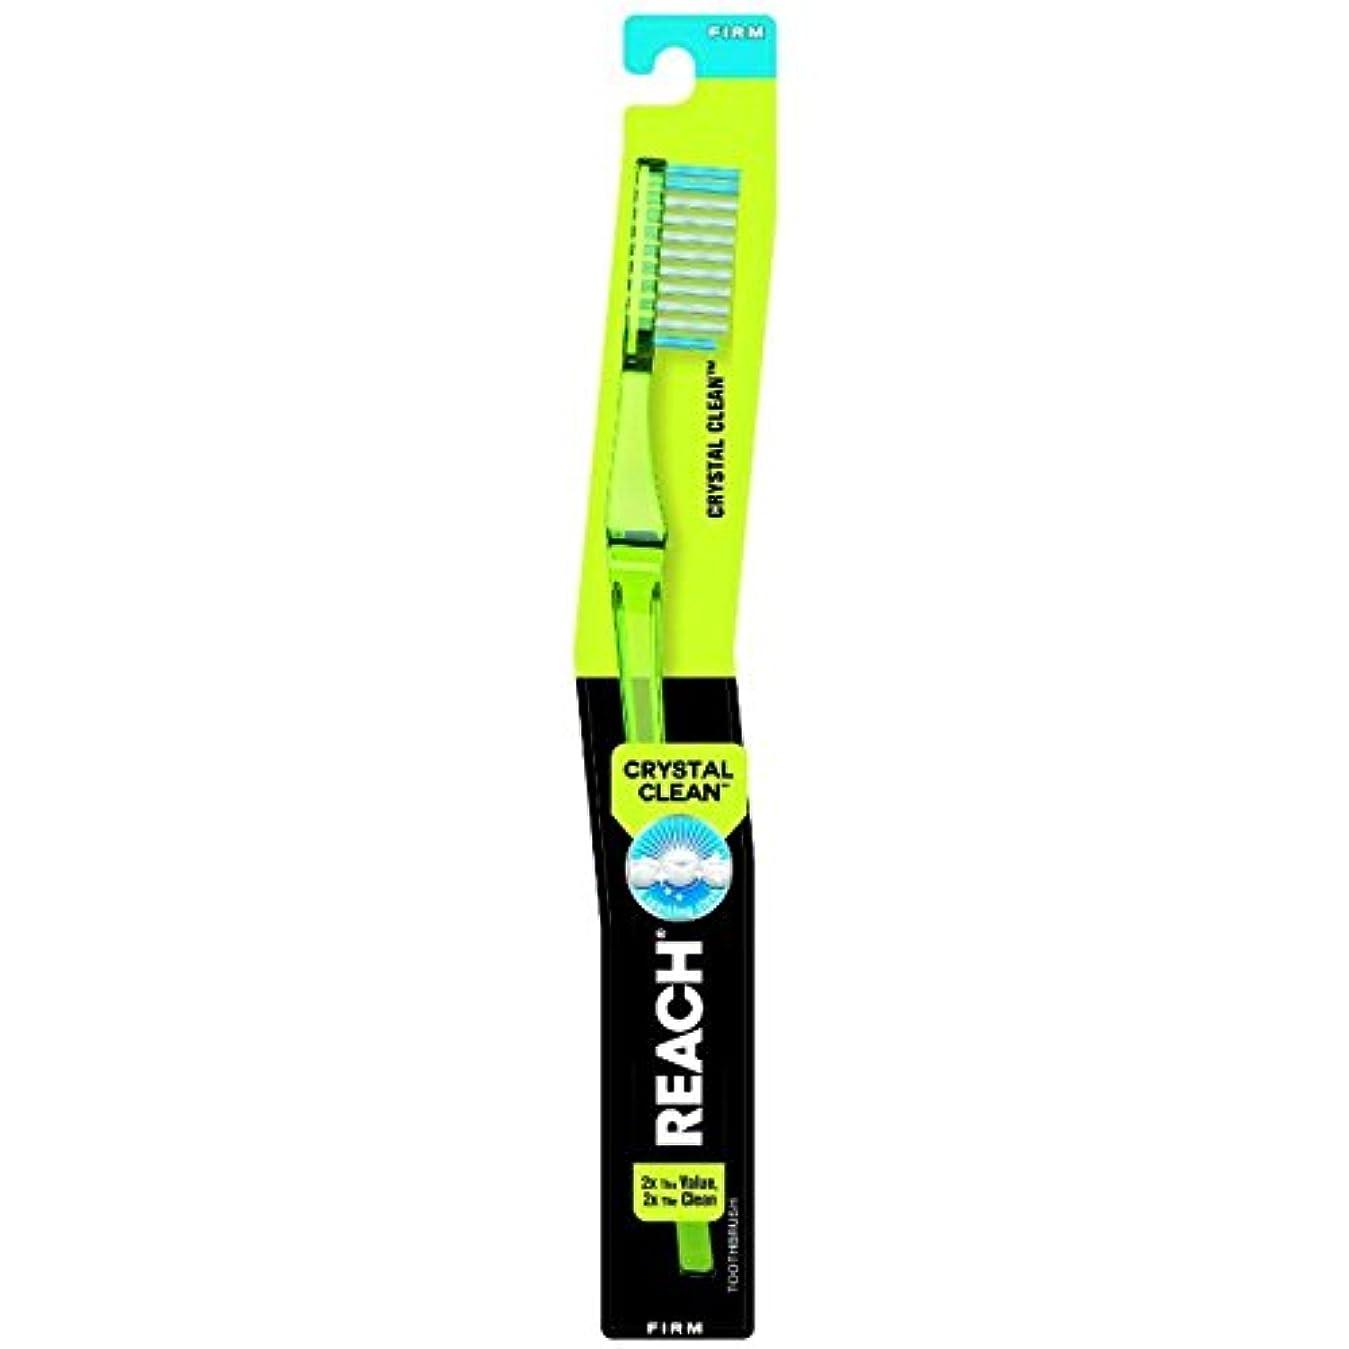 アミューズ飼いならすドットReach クリスタルクリーン事務所抗菌キャップ、1 EAで大人歯ブラシ - ブルー(4パック) 4パック